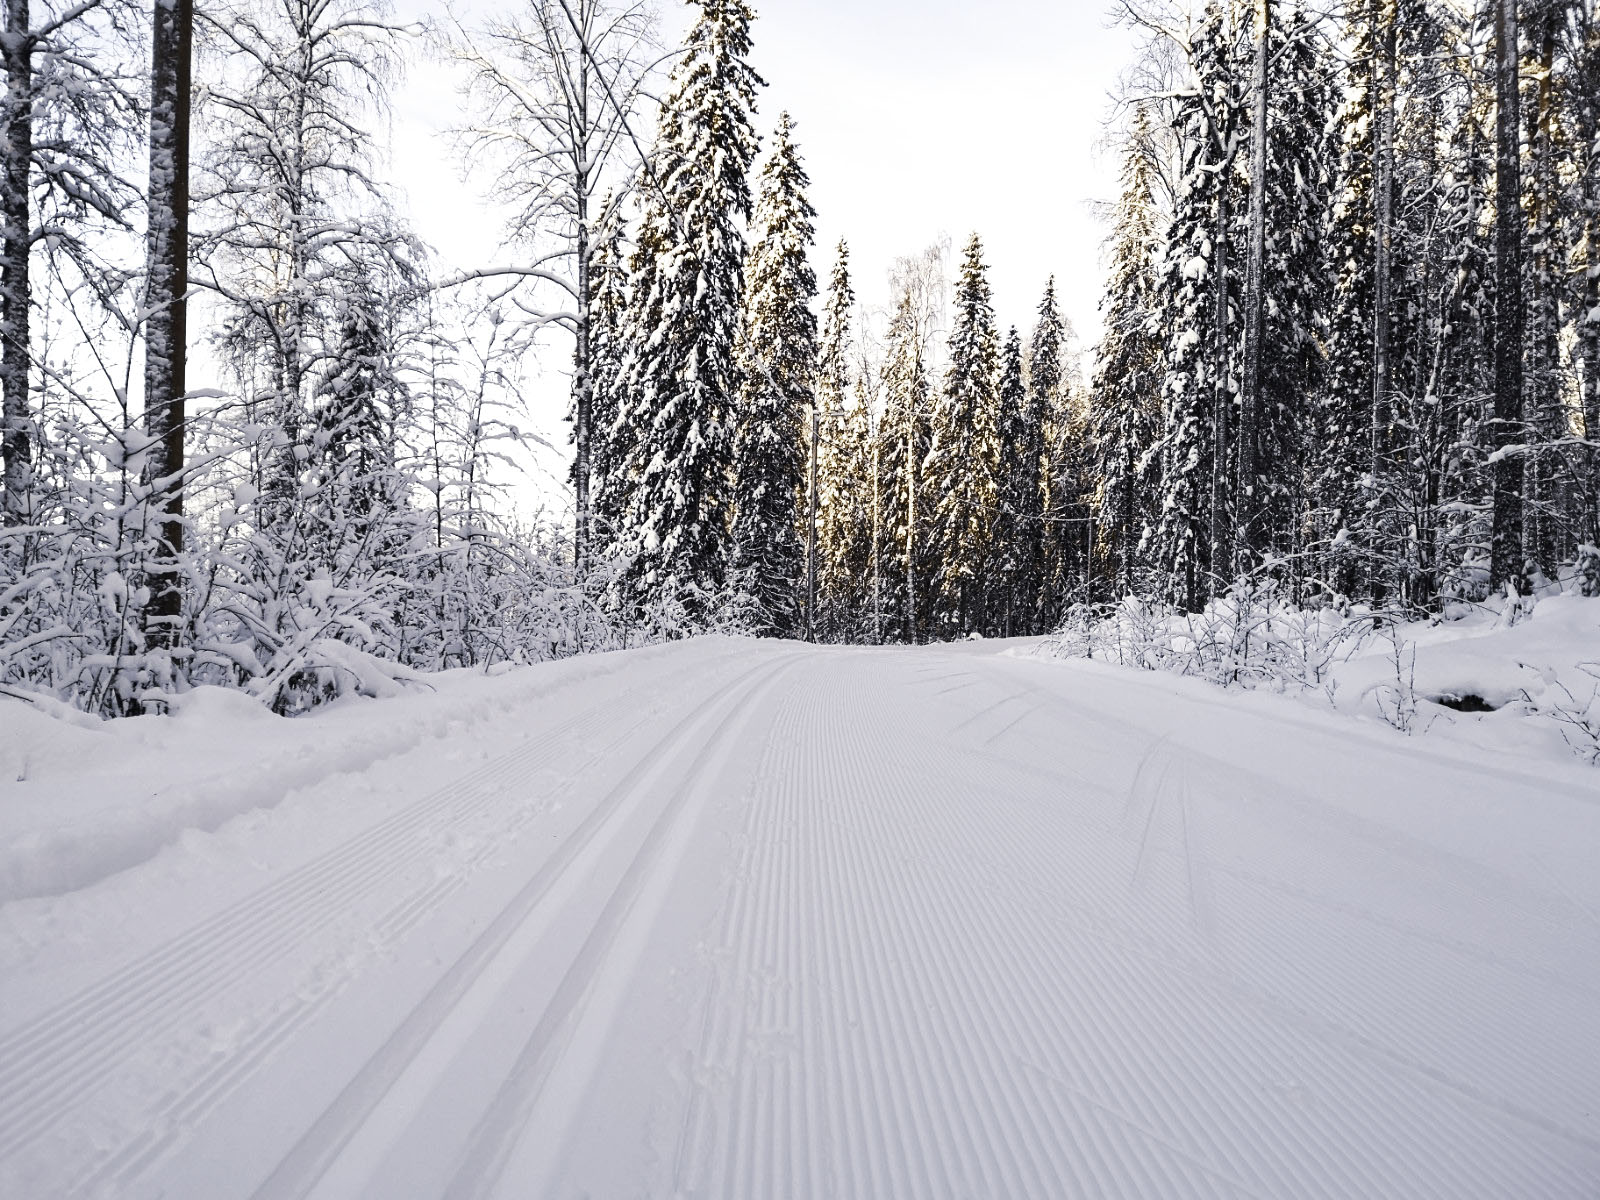 Hiihtolatu ja luminen metsä